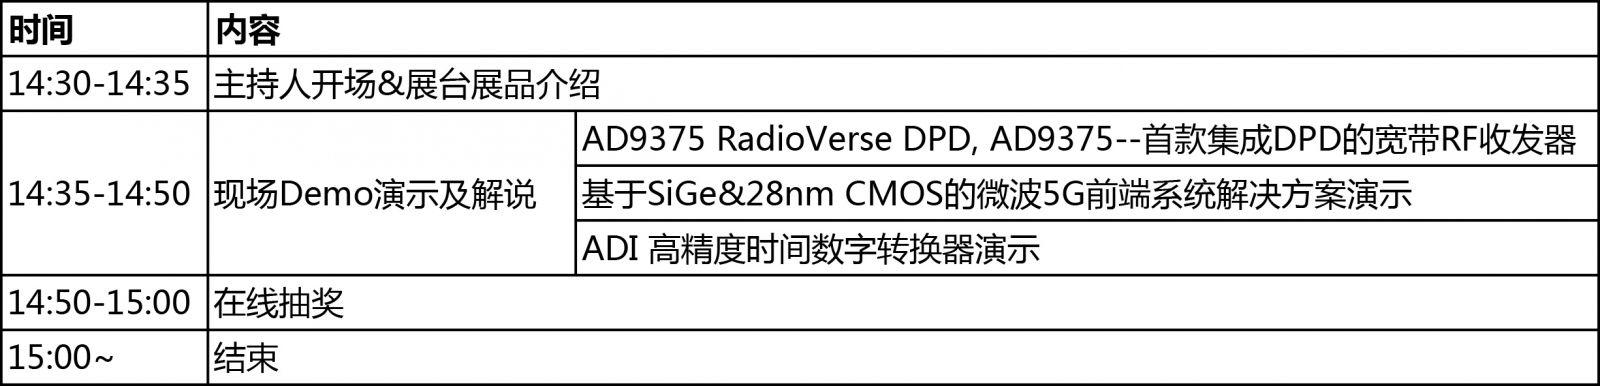 ADI%20DEMO(3).jpg